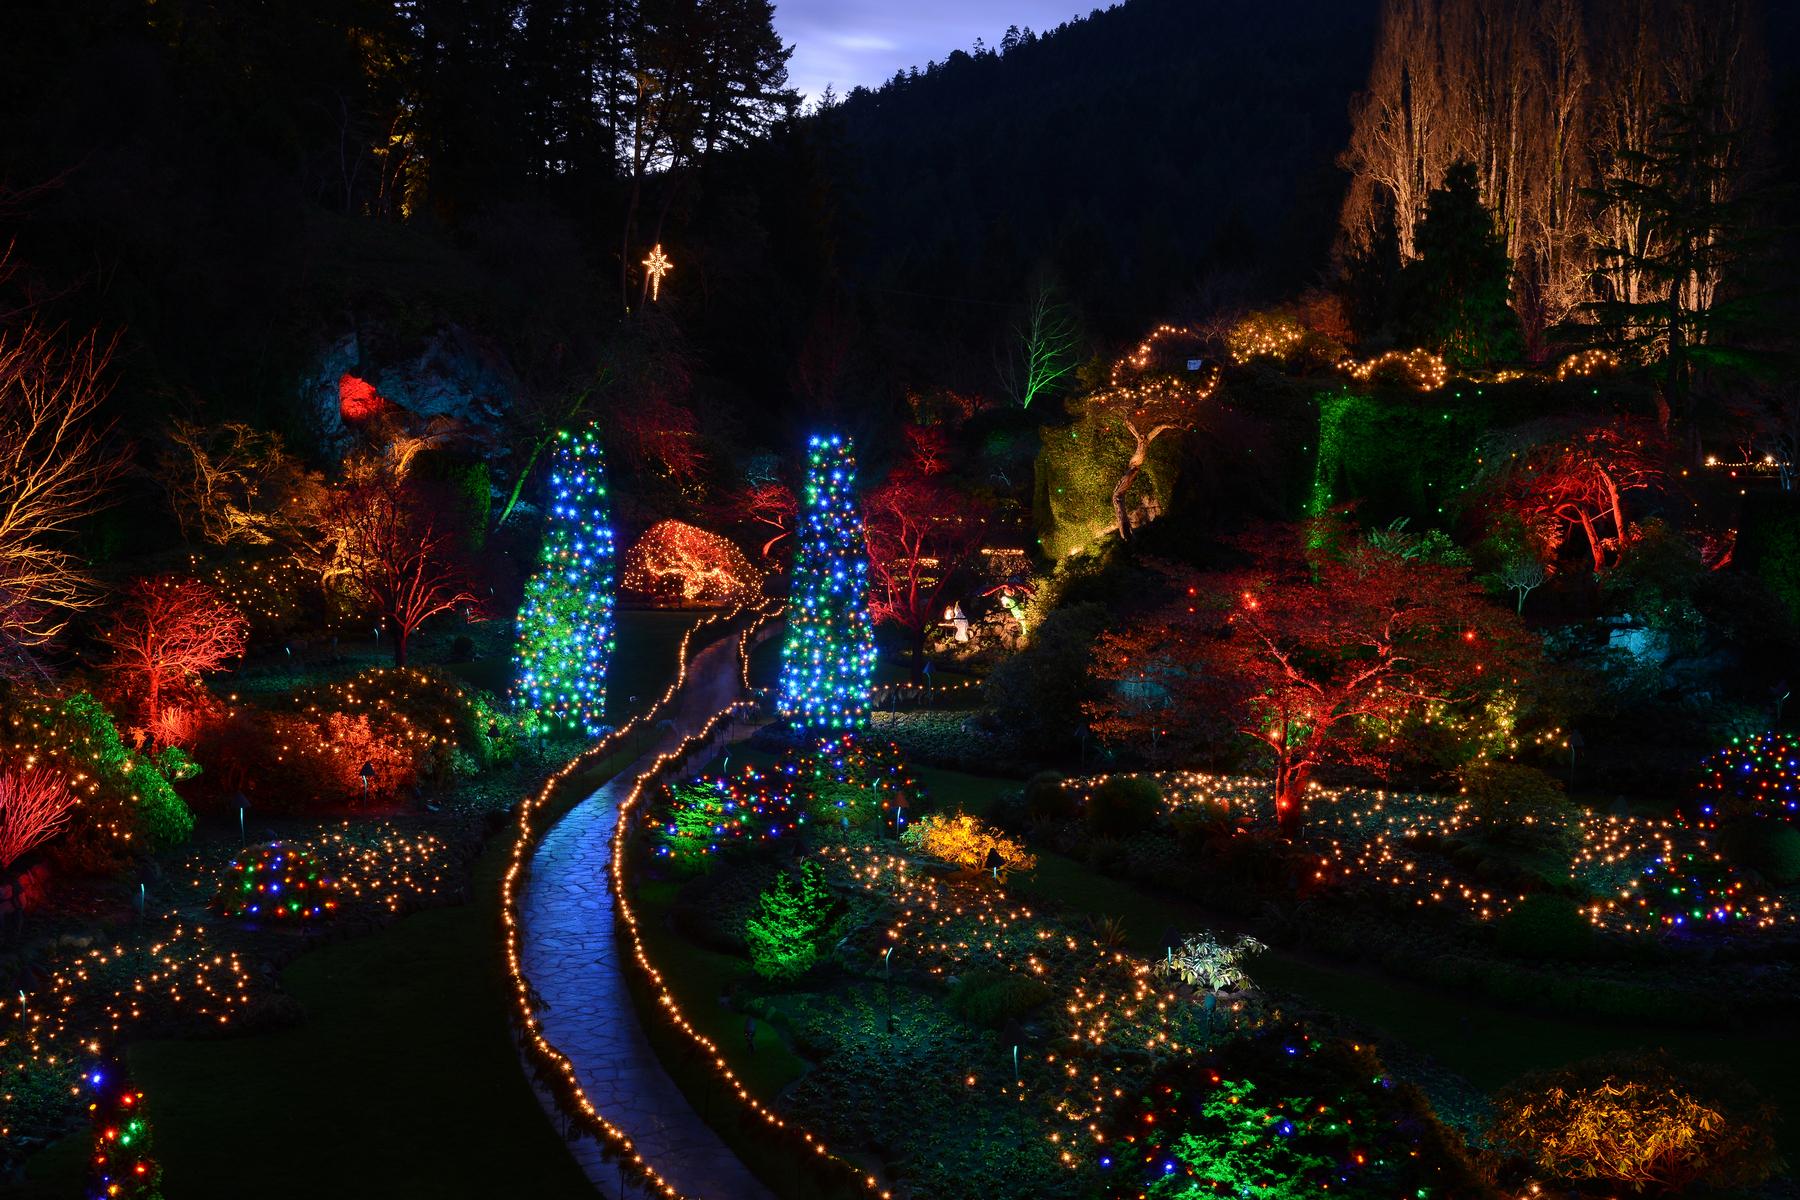 Butchart Gardens 12 Days Of Christmas